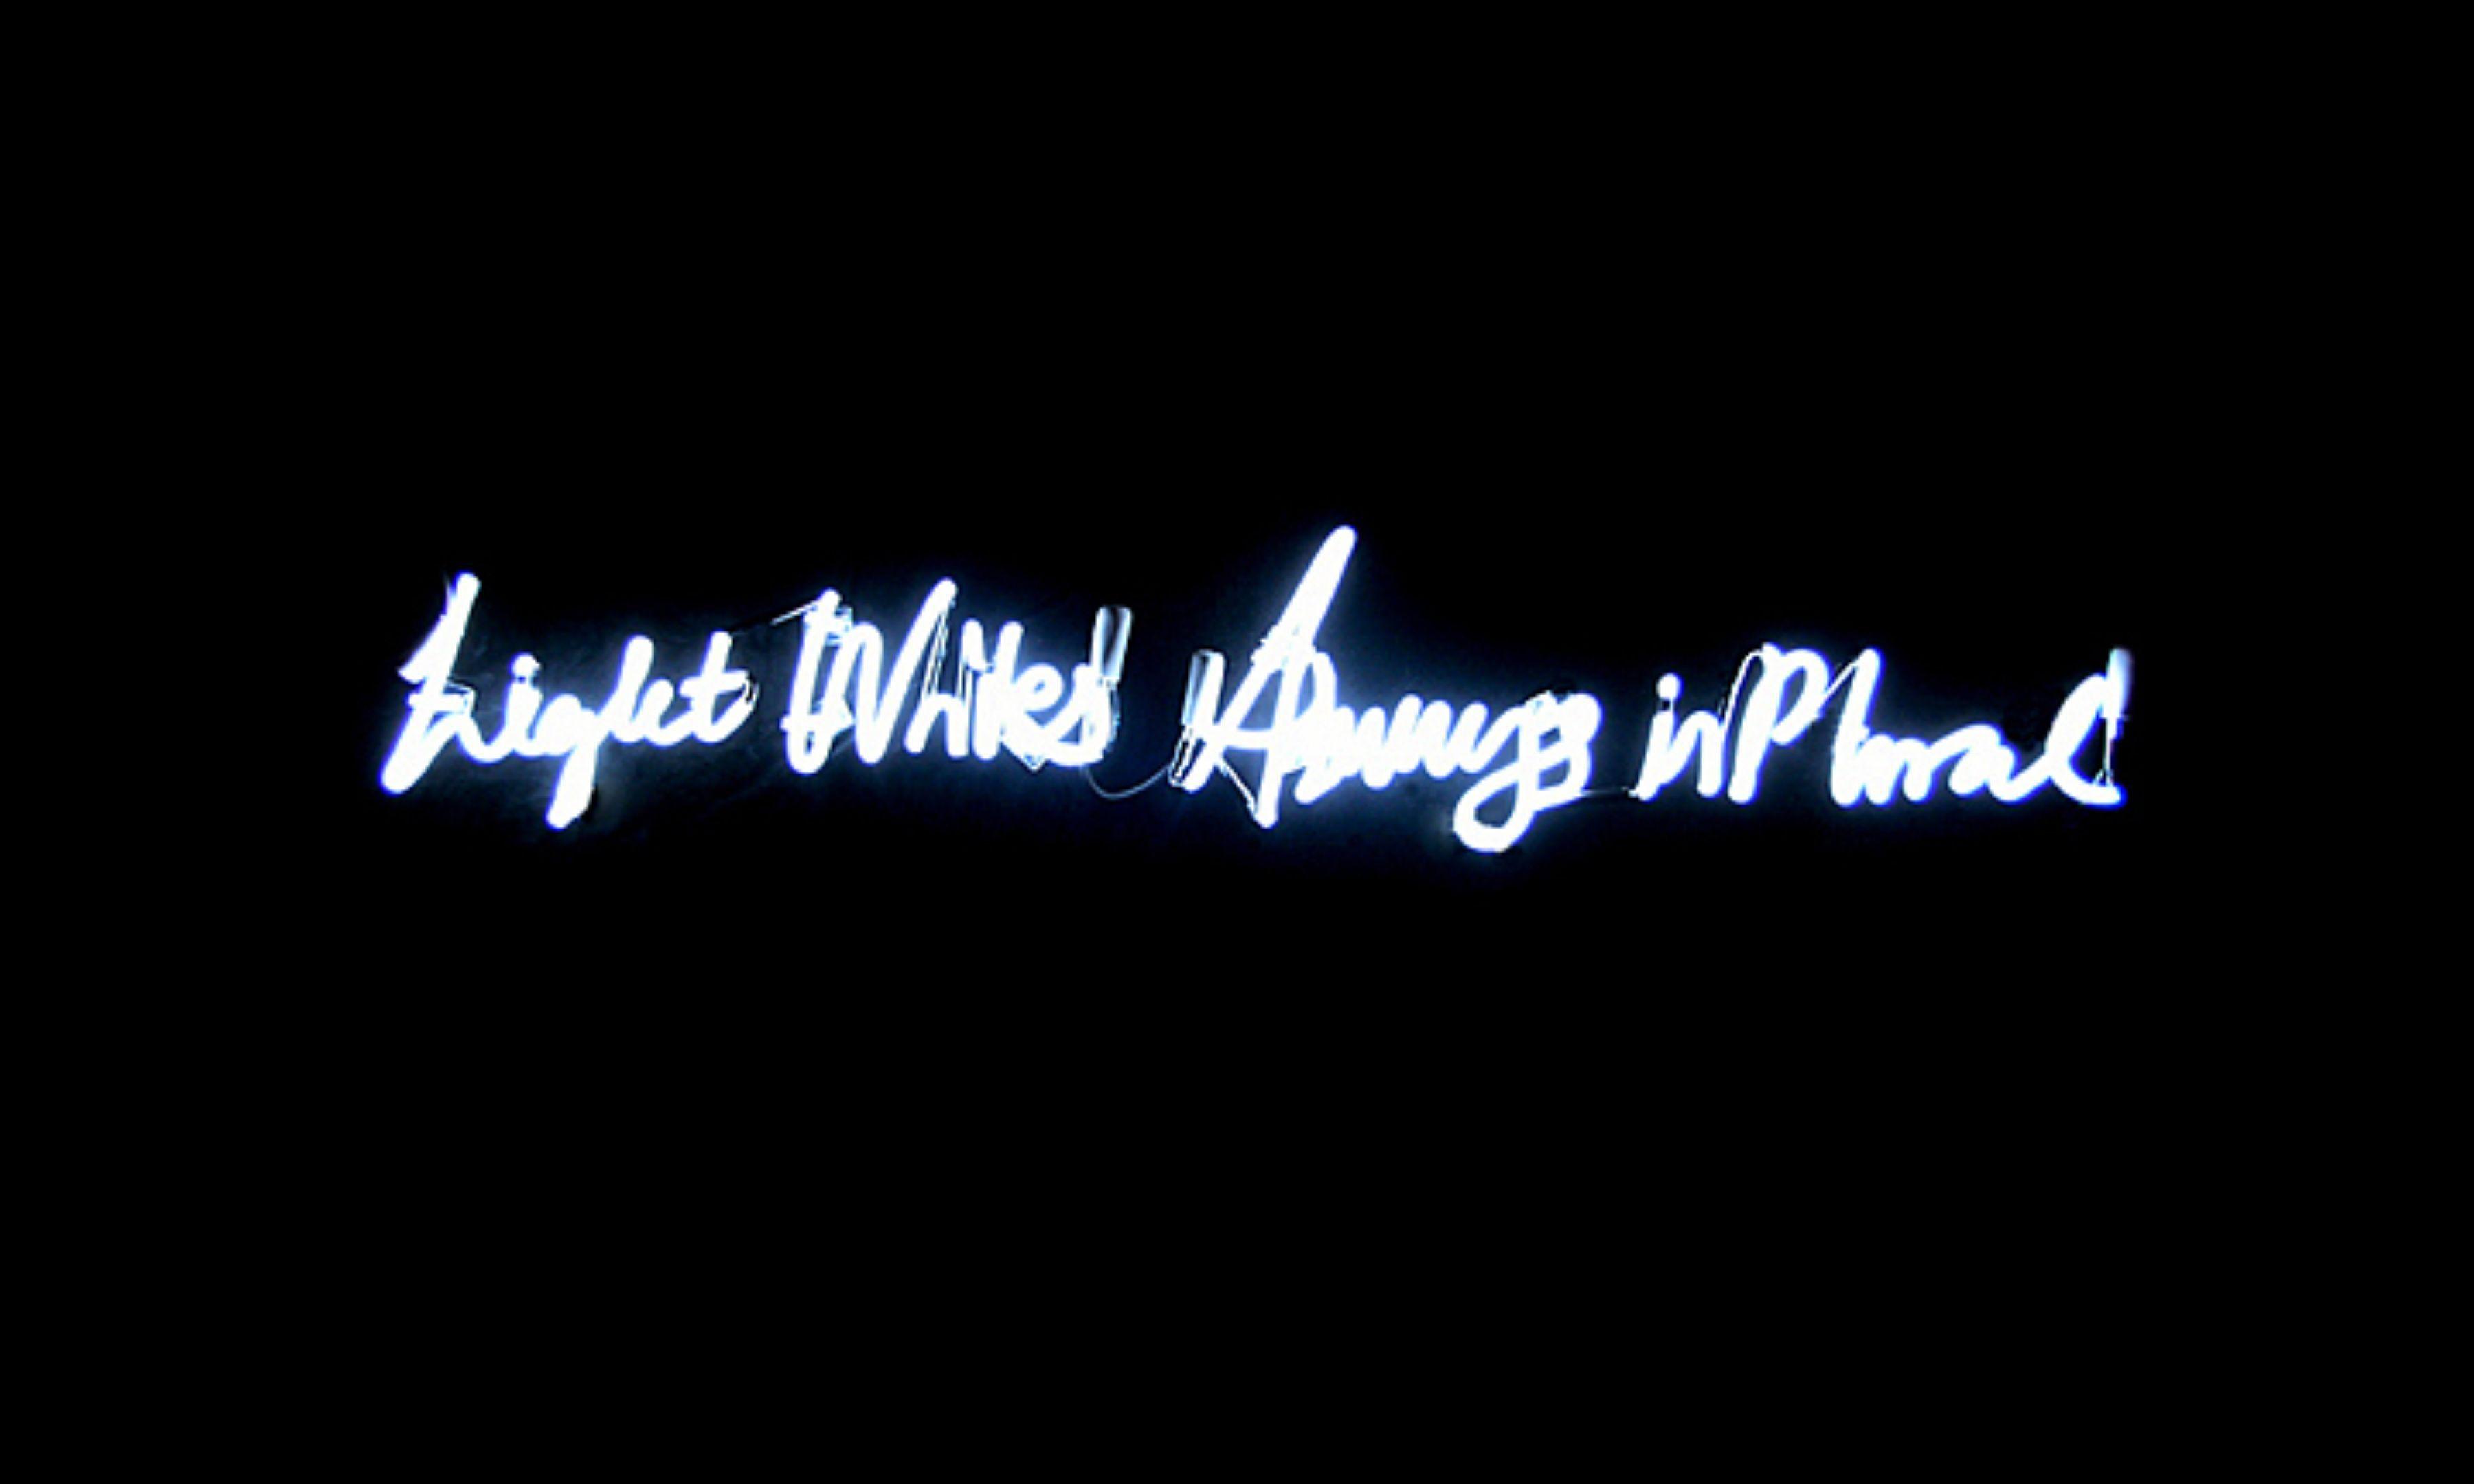 Light Writes Always in Plural (Enlighs) White Neon 2008